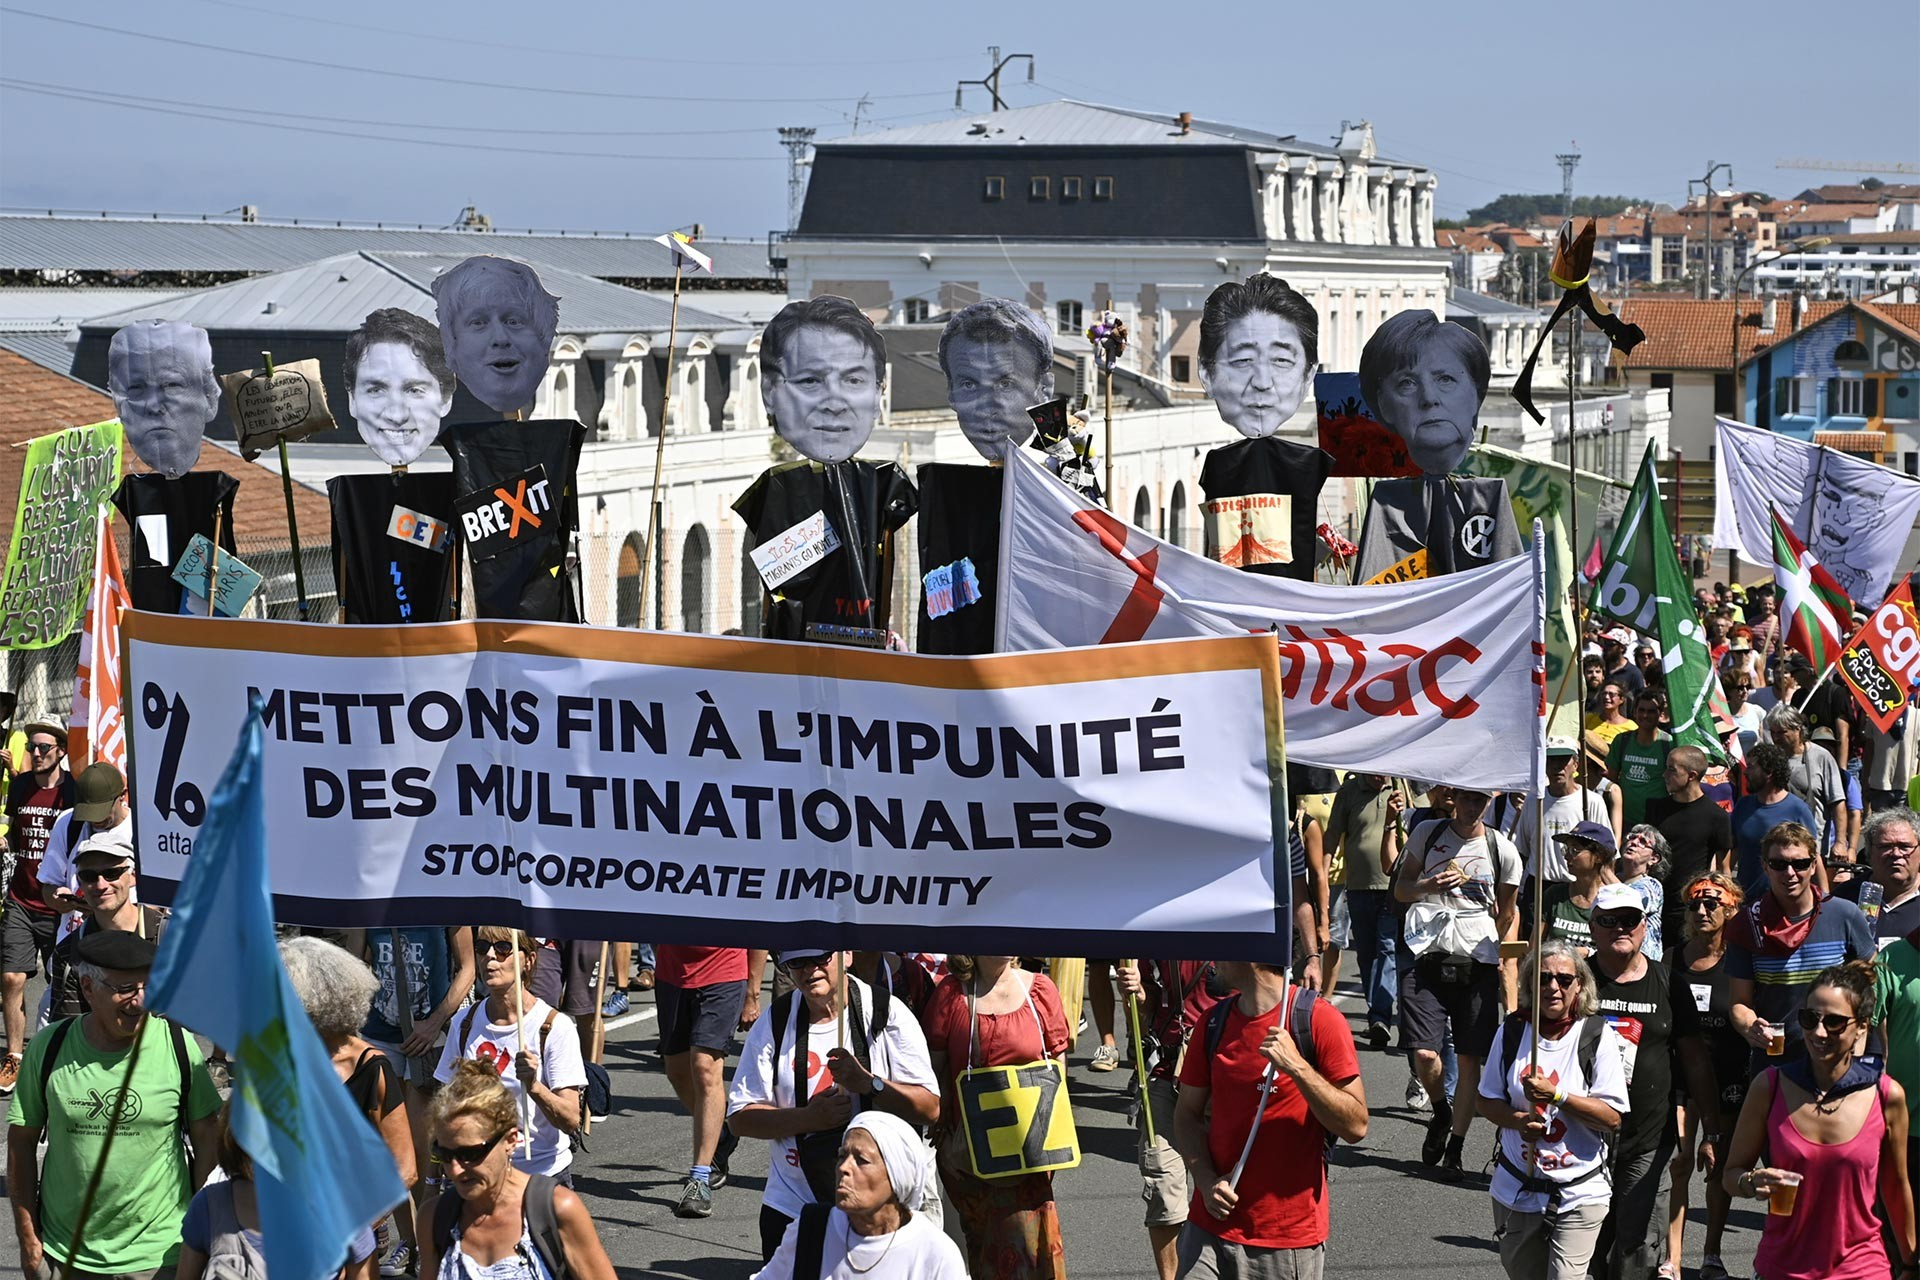 G7 Zirvesi protestolarla başladı: Liderler akşam yemeğinde, emekçiler sokaklarda